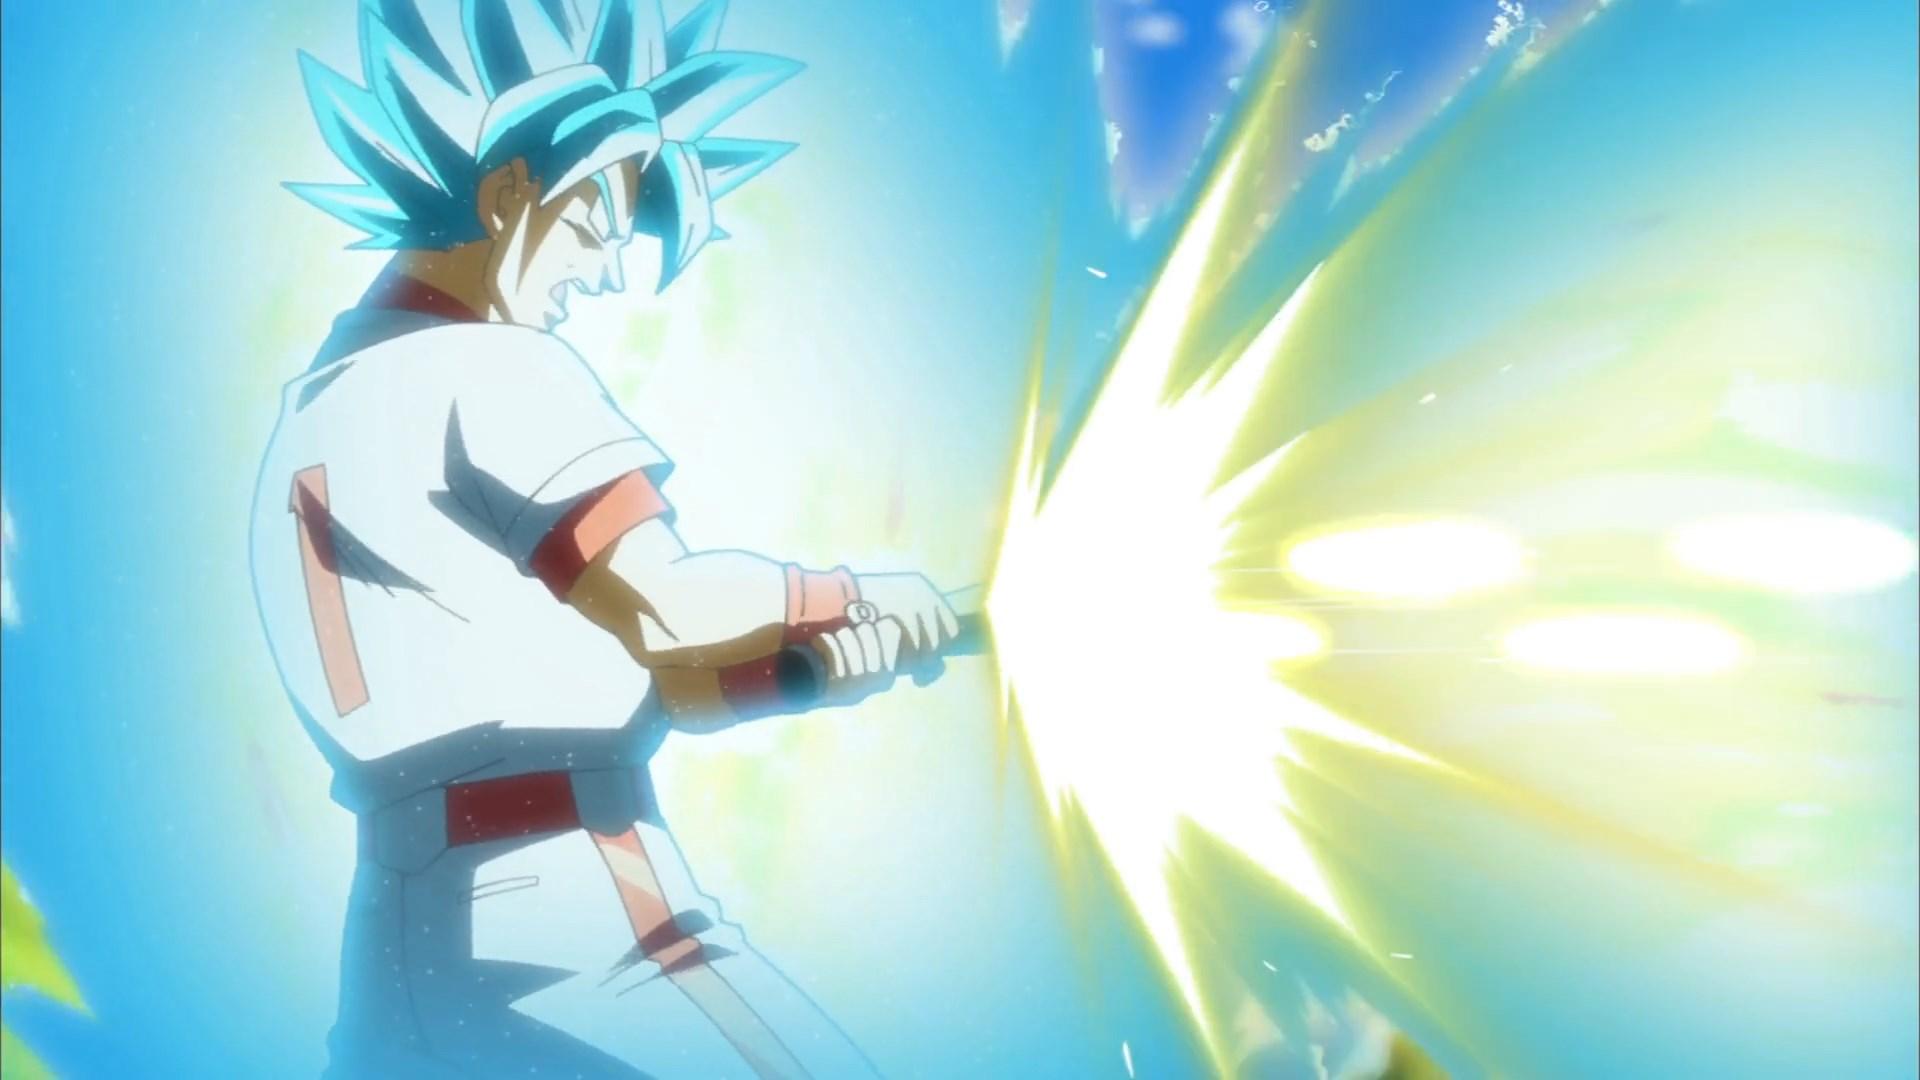 [DS] Dragon Ball Super 070 [1080p].mkv_snapshot_15.52_[2016.12.11_03.52.12]